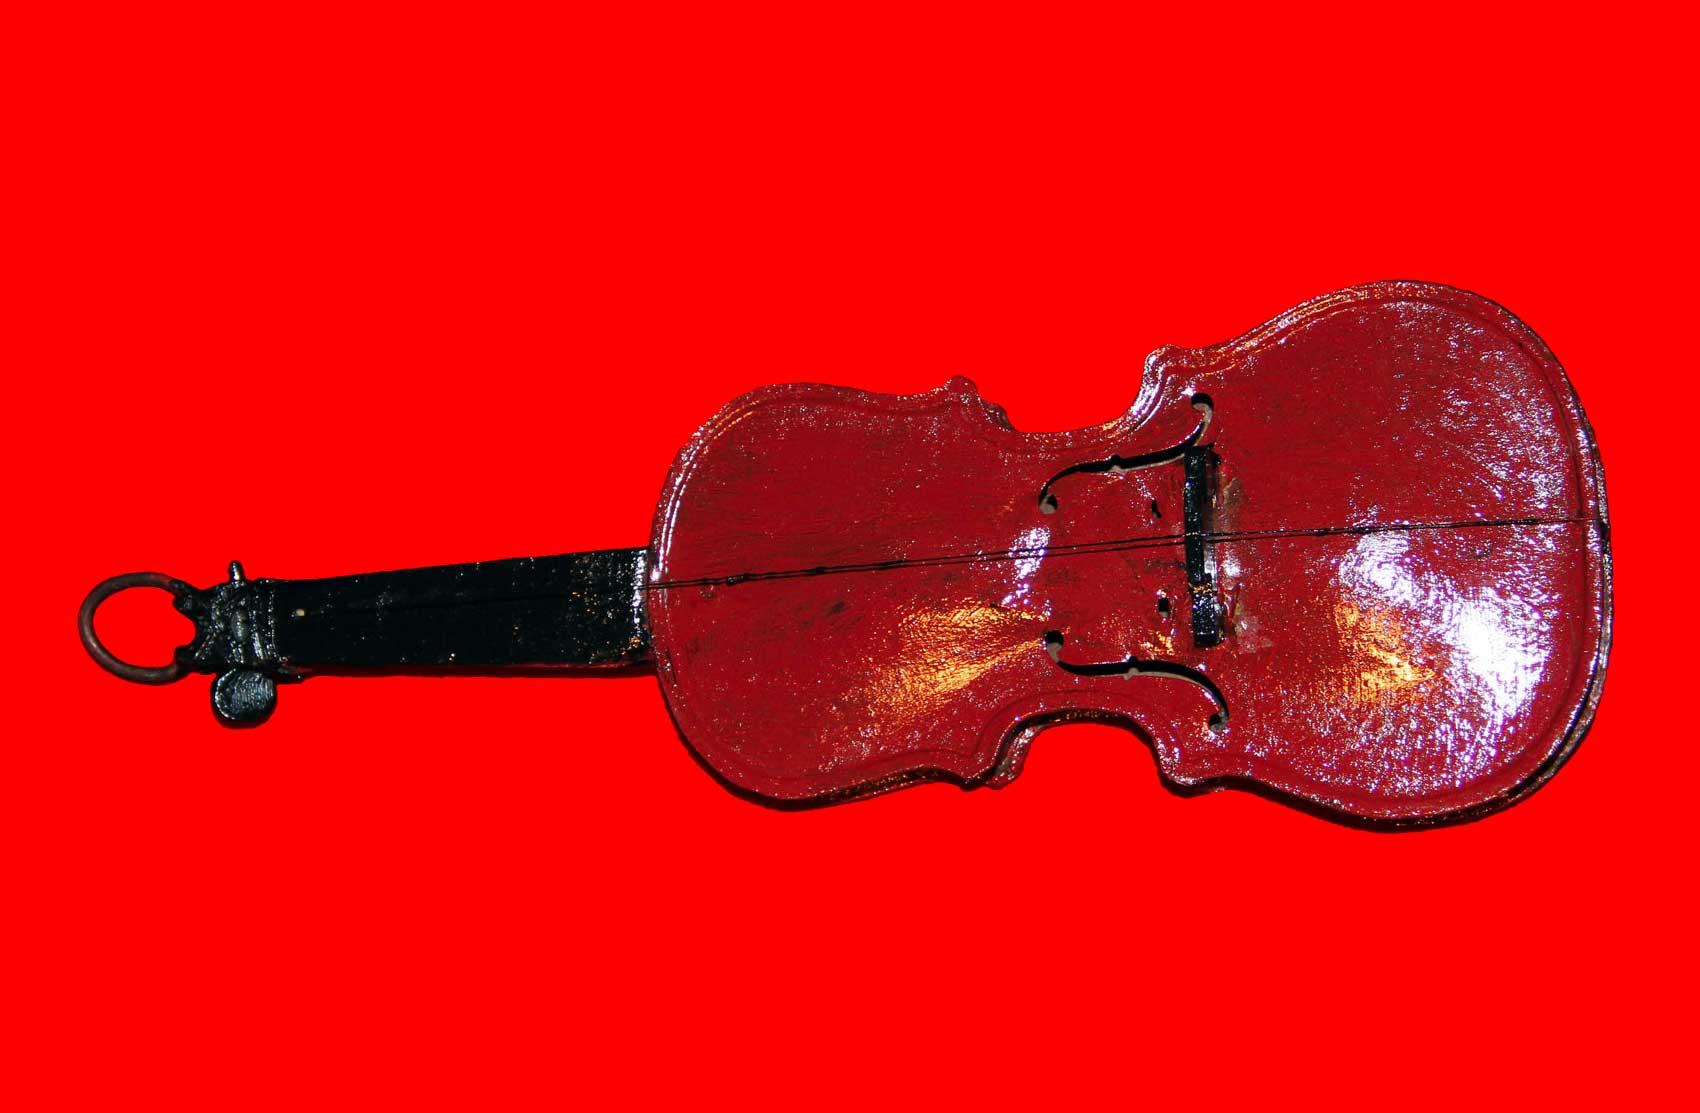 Mini violino di Grock utilizzato nel film